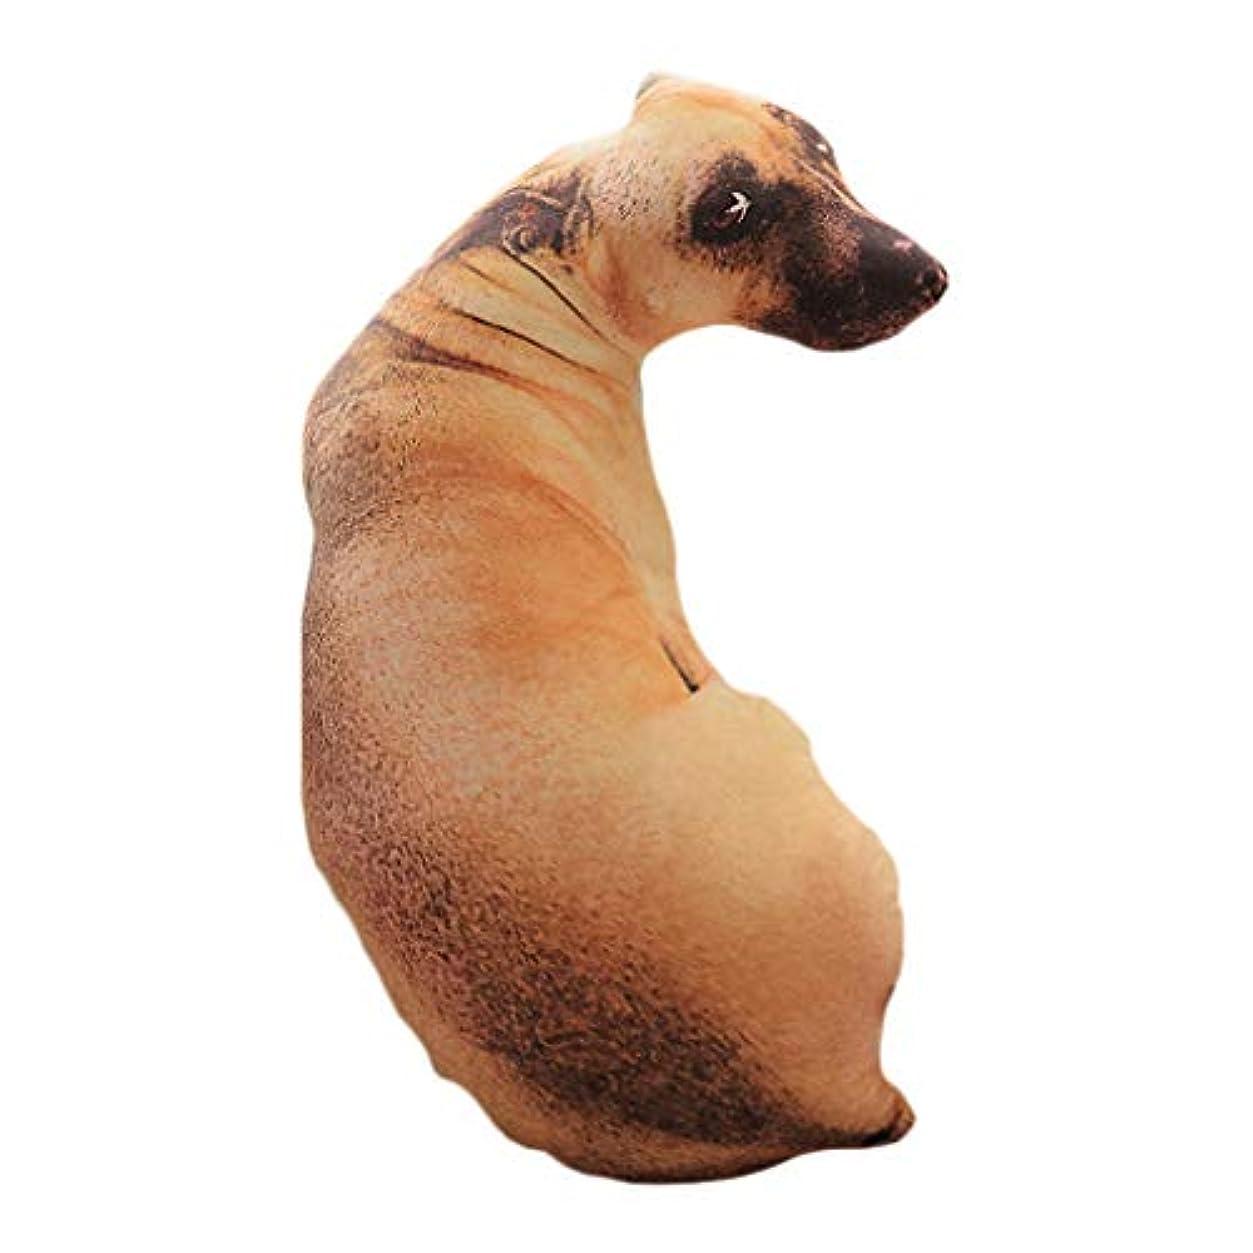 珍味仲人ロシアLIFE 装飾クッションソファおかしい 3D 犬印刷スロー枕創造クッションかわいいぬいぐるみギフト家の装飾 coussin decoratif クッション 椅子